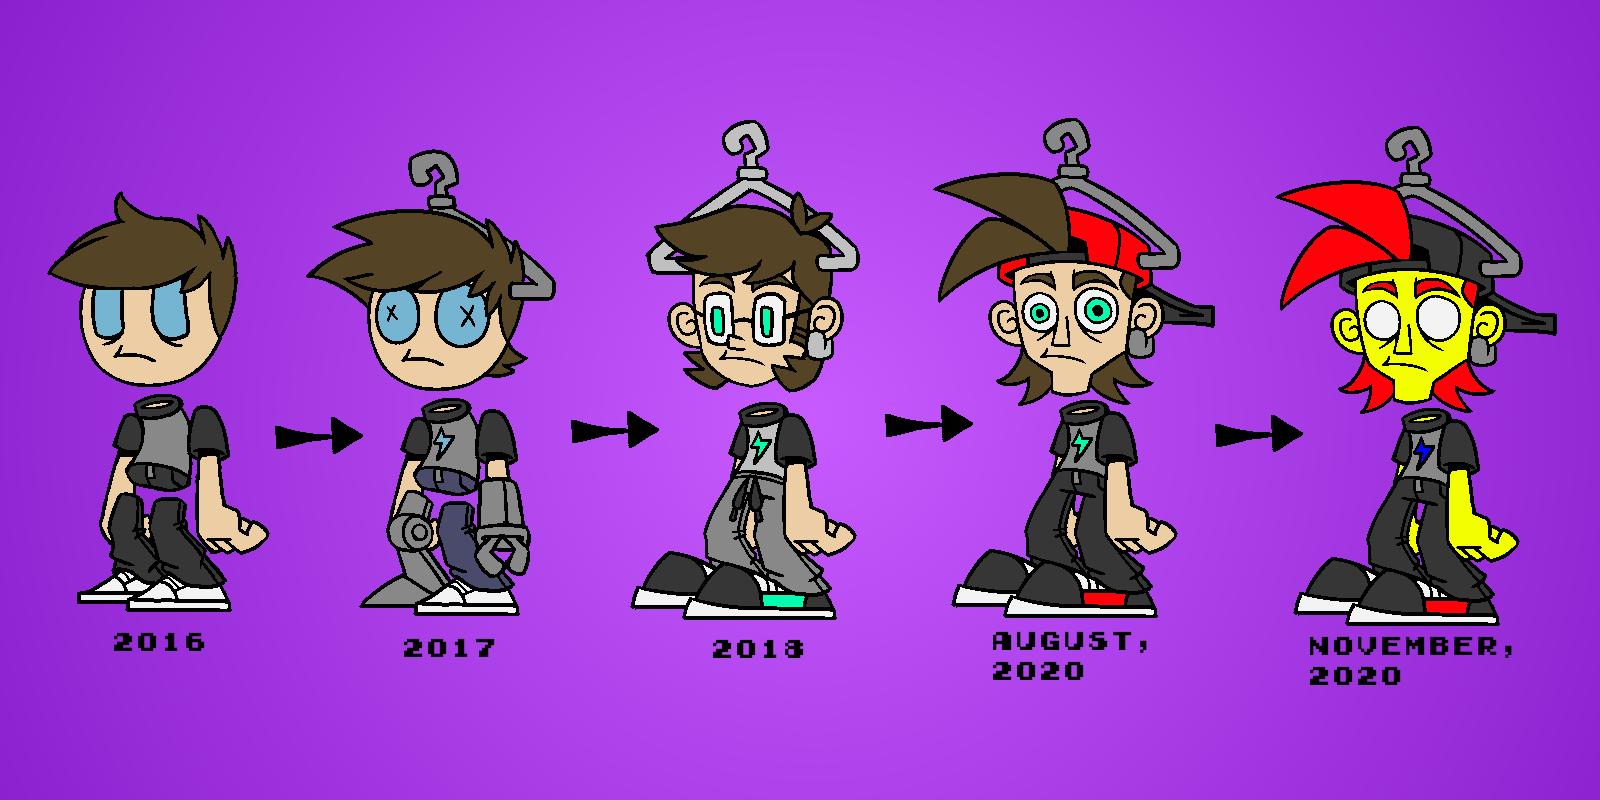 KoatHanger's Design Evolution